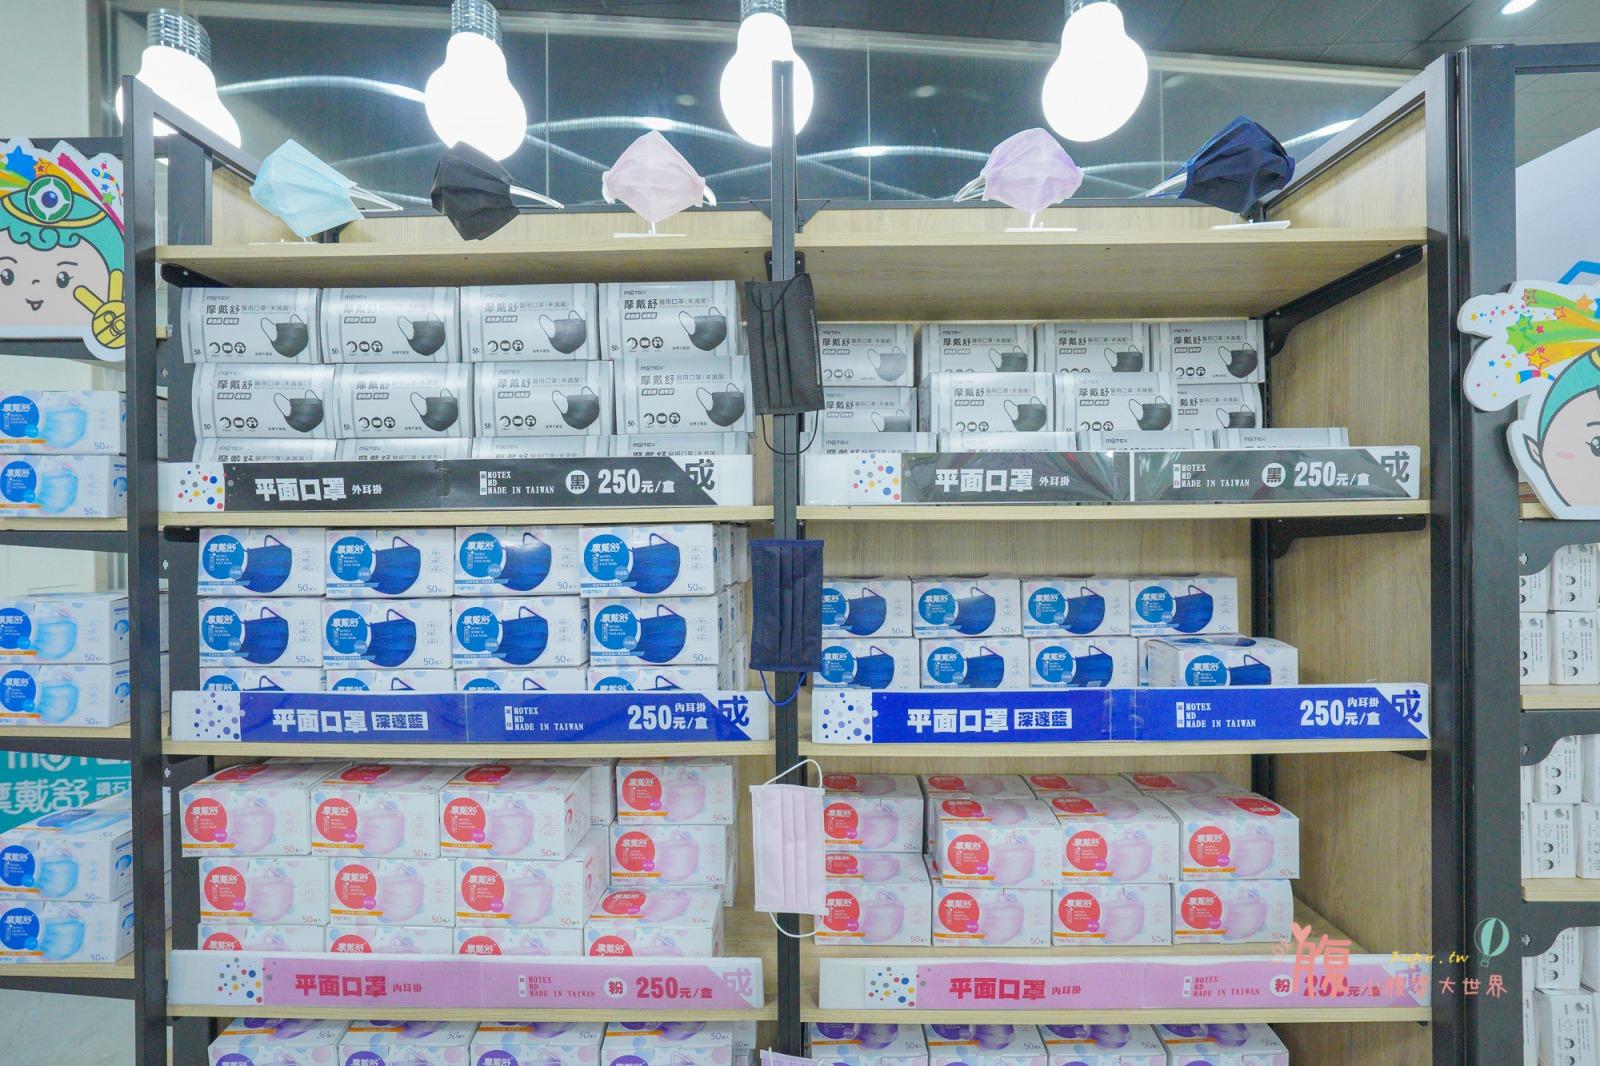 彰化田中景點》華新創意生活館 口罩觀光工廠,大樹室內遊戲區、手作DIY口罩,最新大甲媽祖版本口罩超Q~